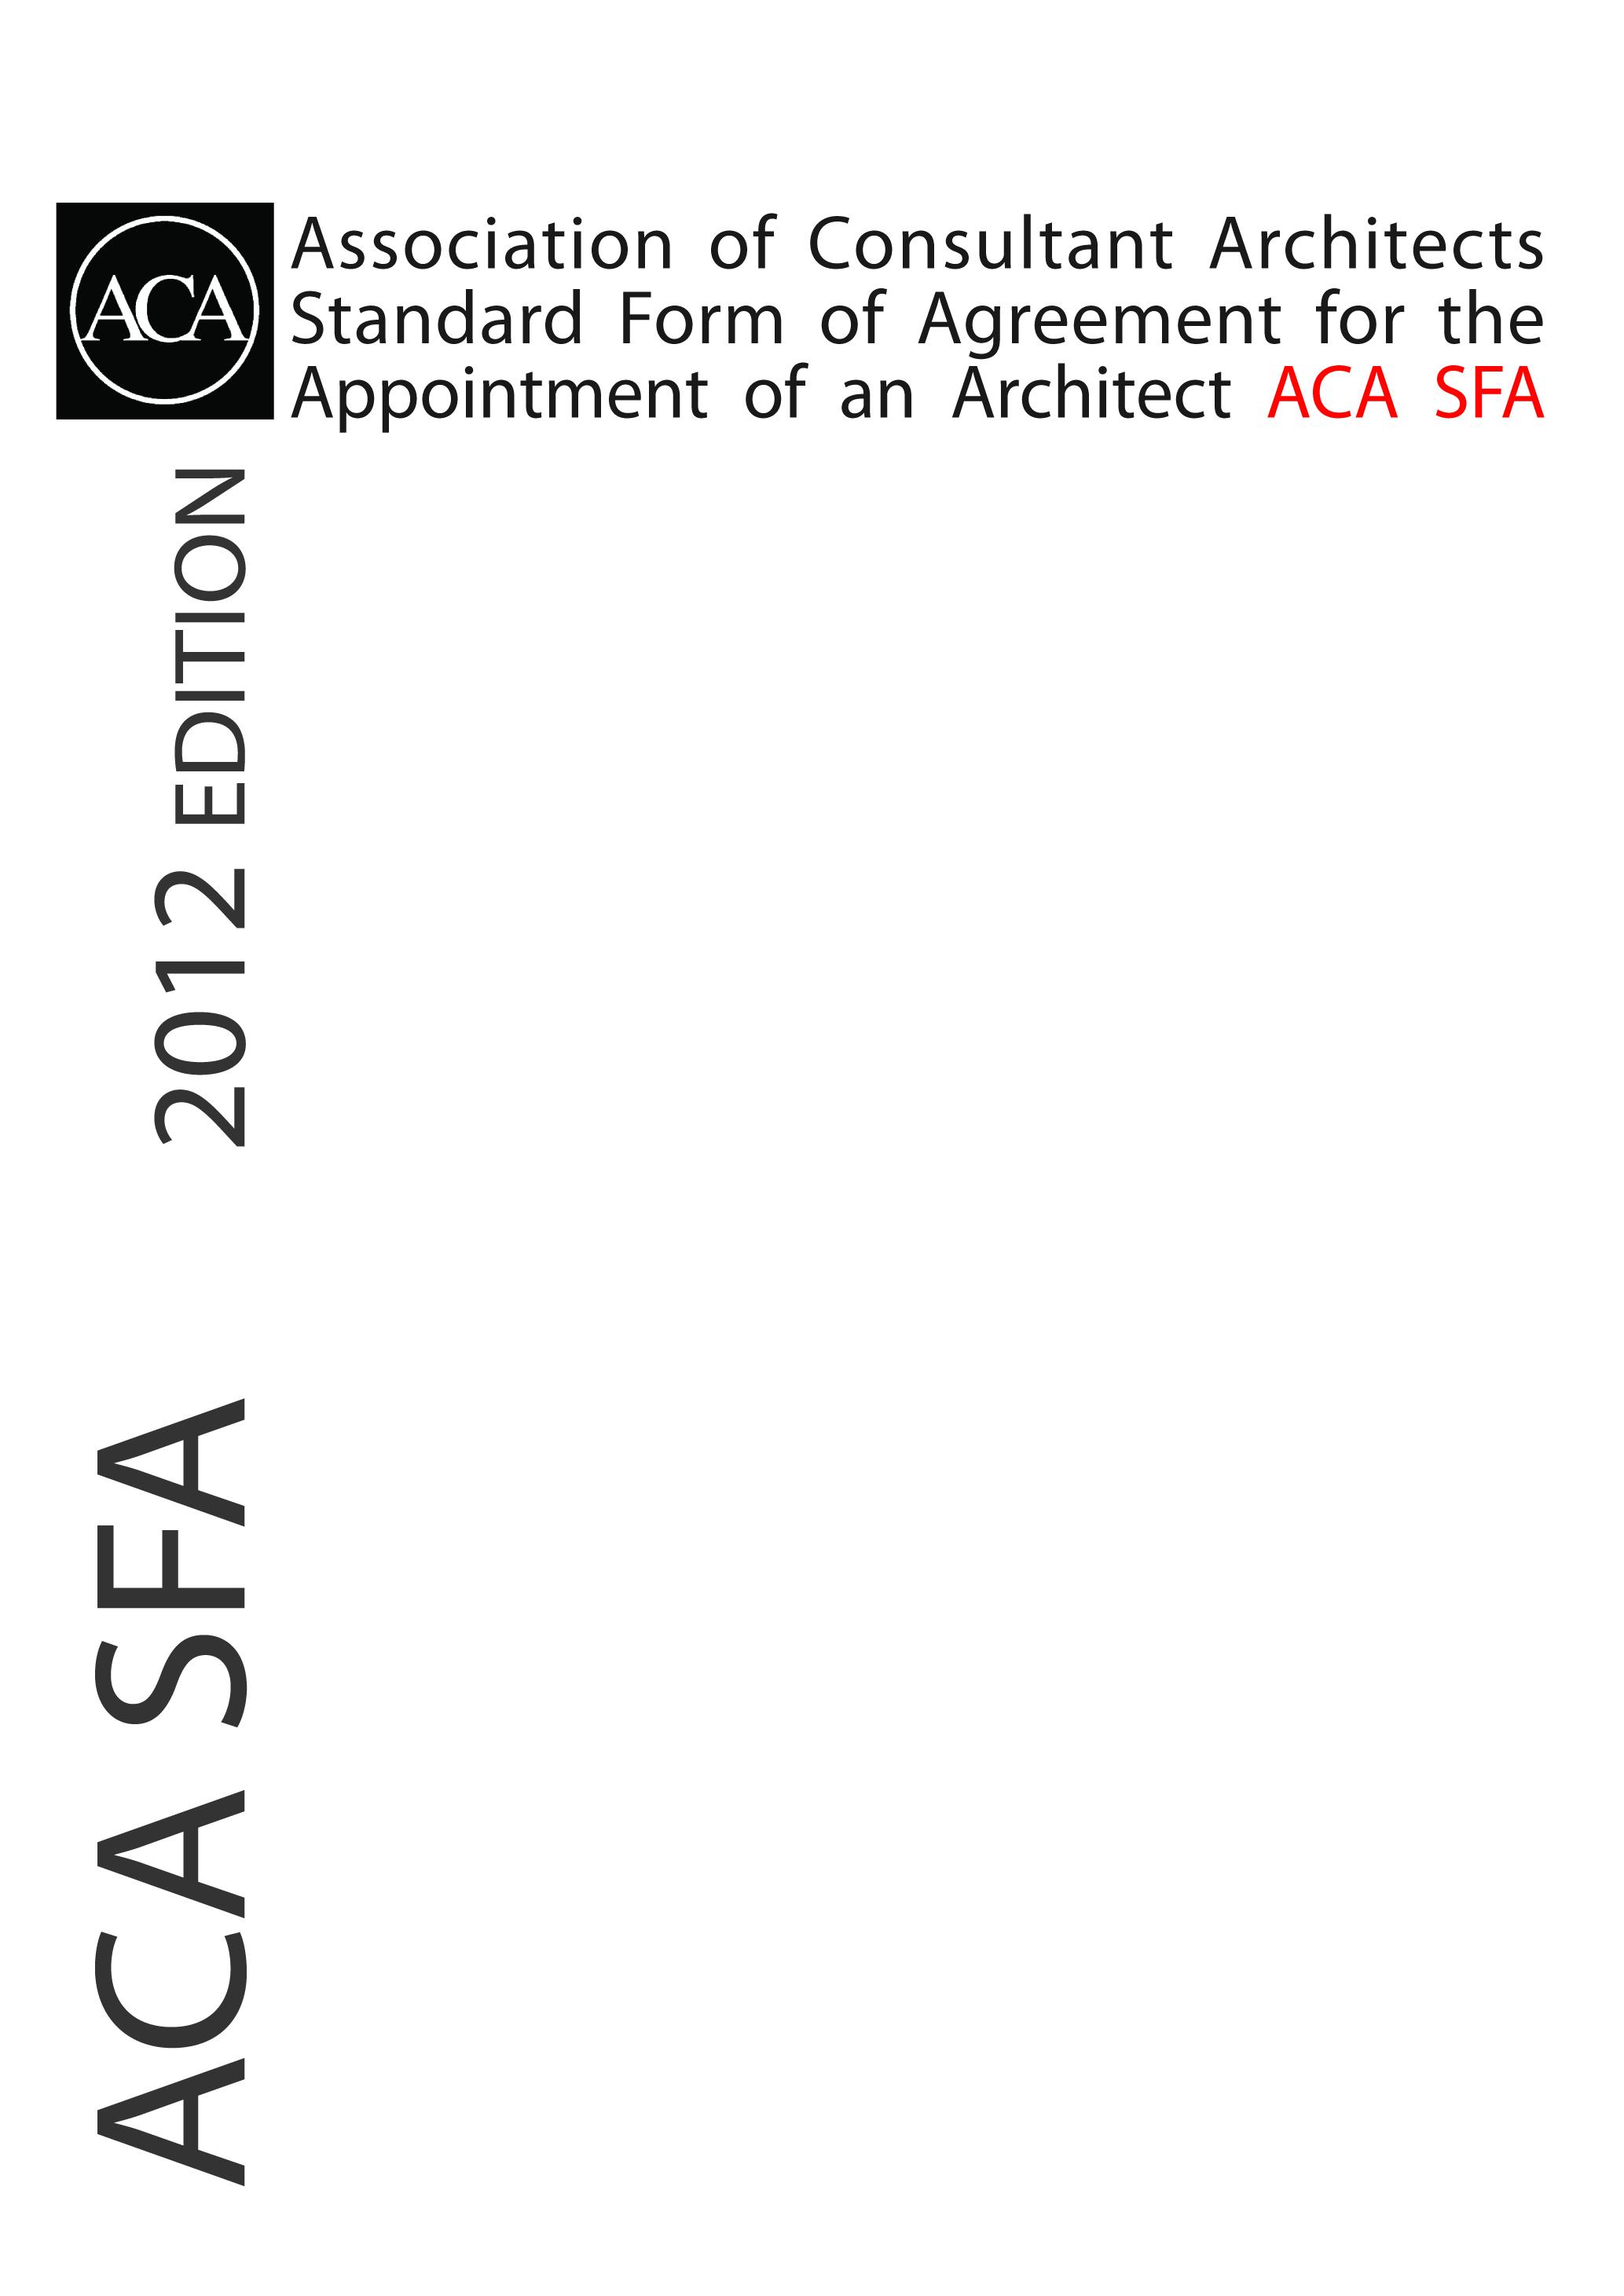 Brebookshop acasfa 2012 falaconquin